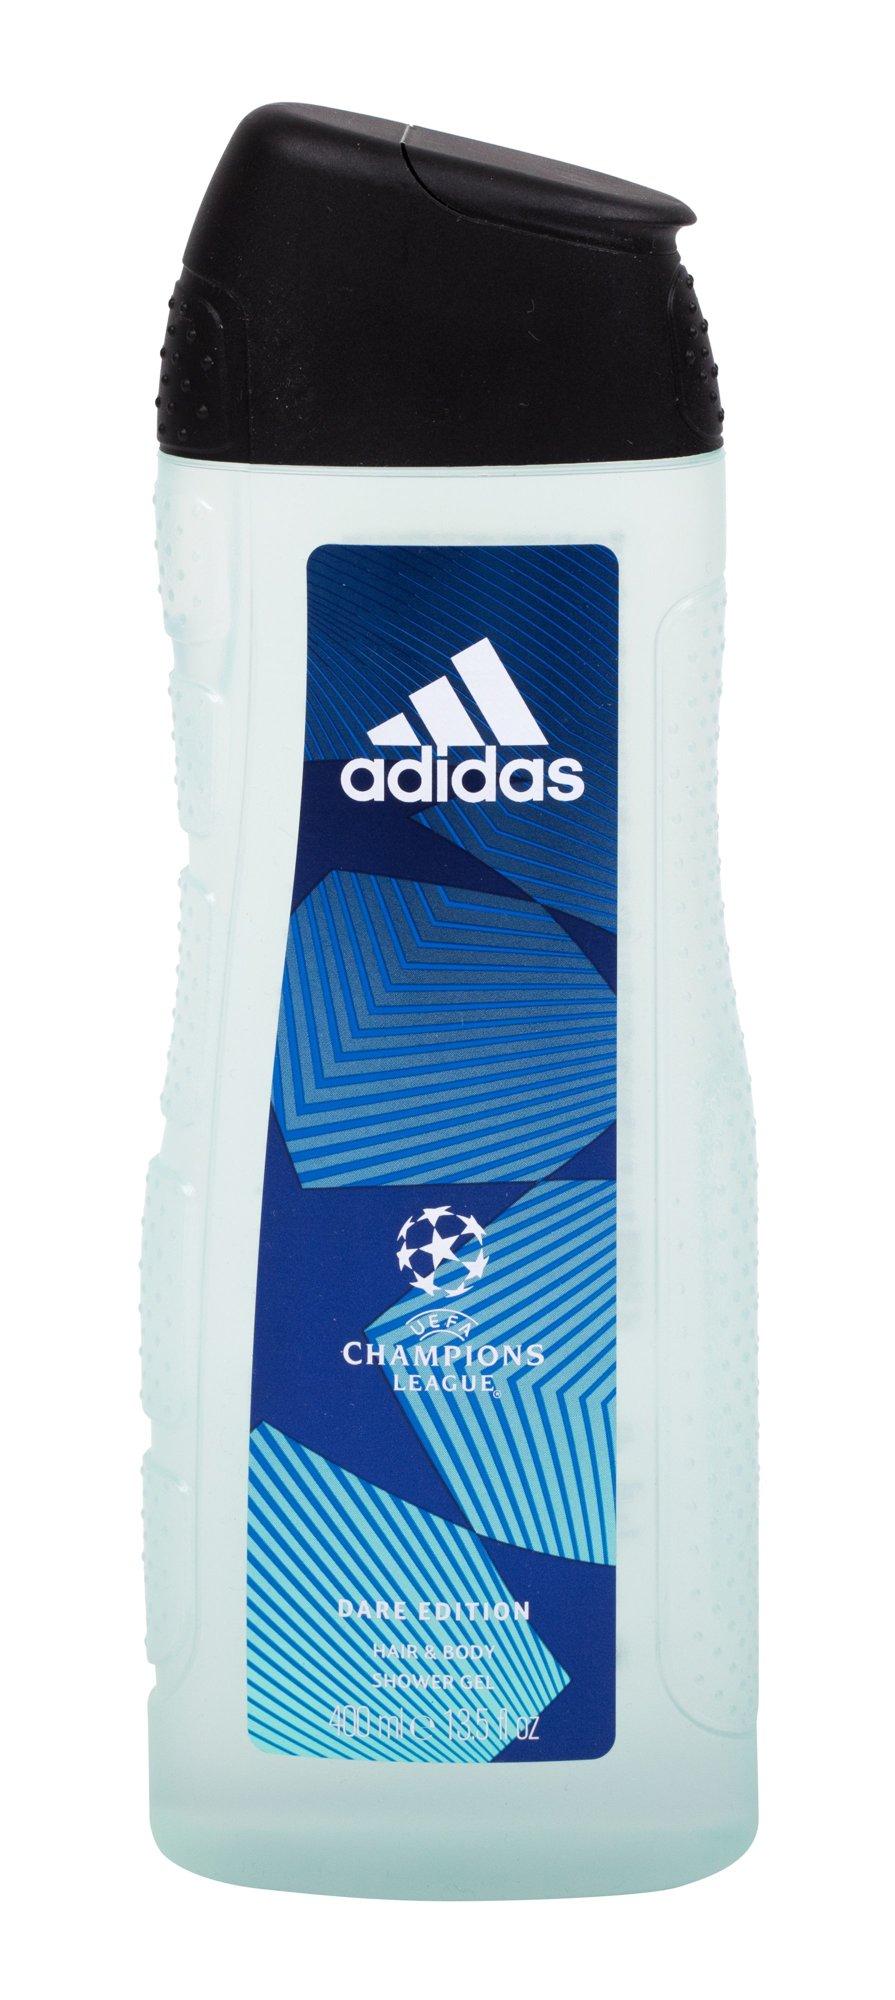 Adidas UEFA Champions League Shower Gel 400ml